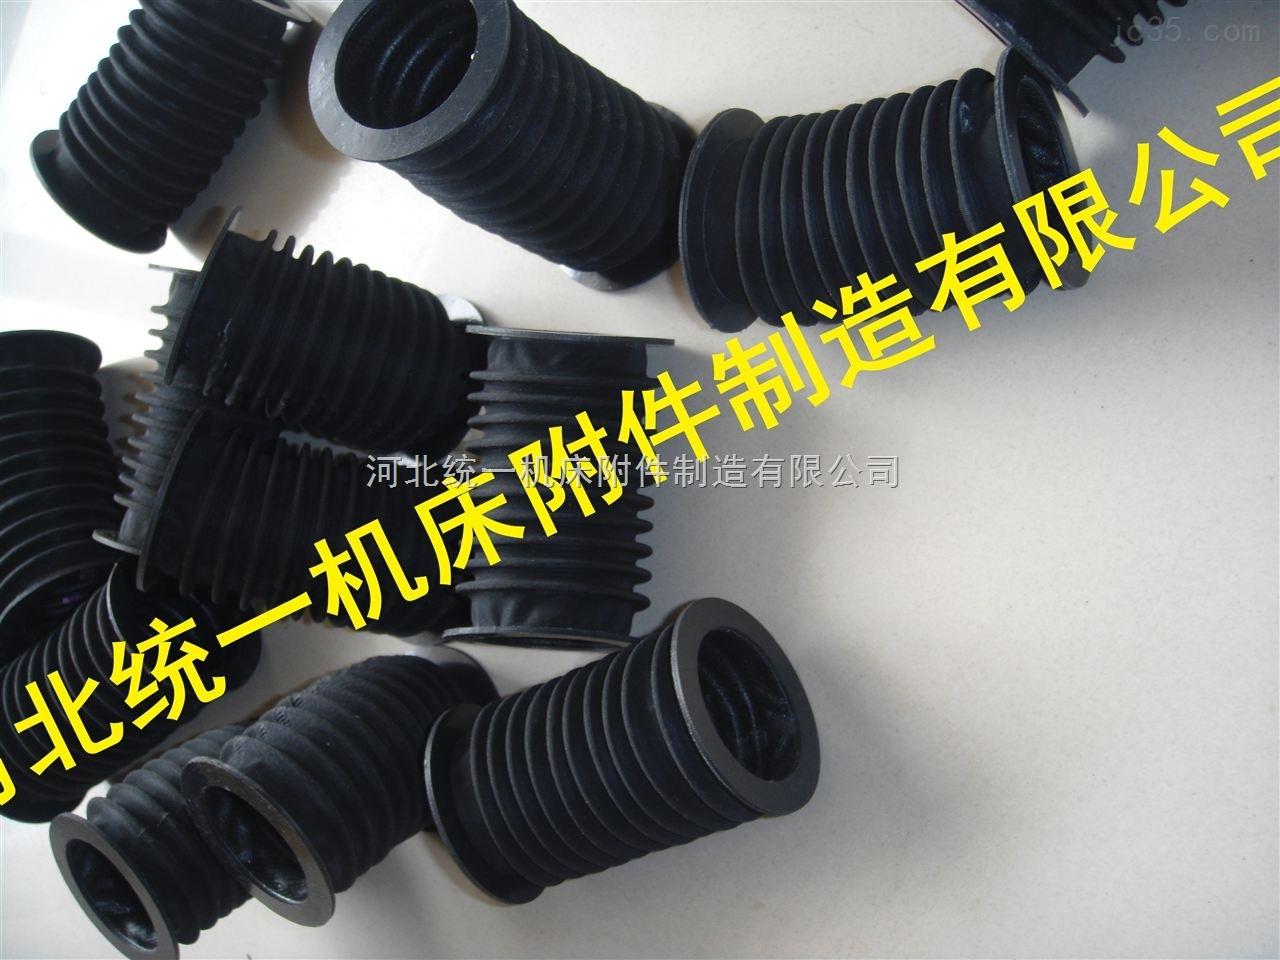 四川耐酸碱密封丝杠防尘罩厂家